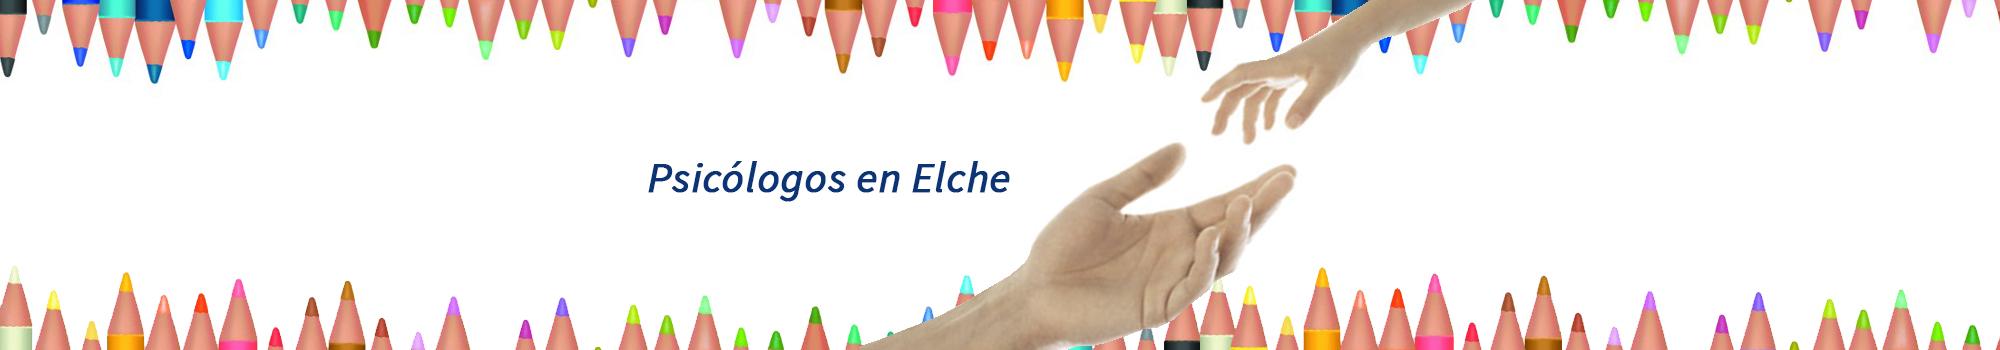 fracaso escolar en Elche, consulta de psicologia en Elche, tratamiento psicologico en Elche